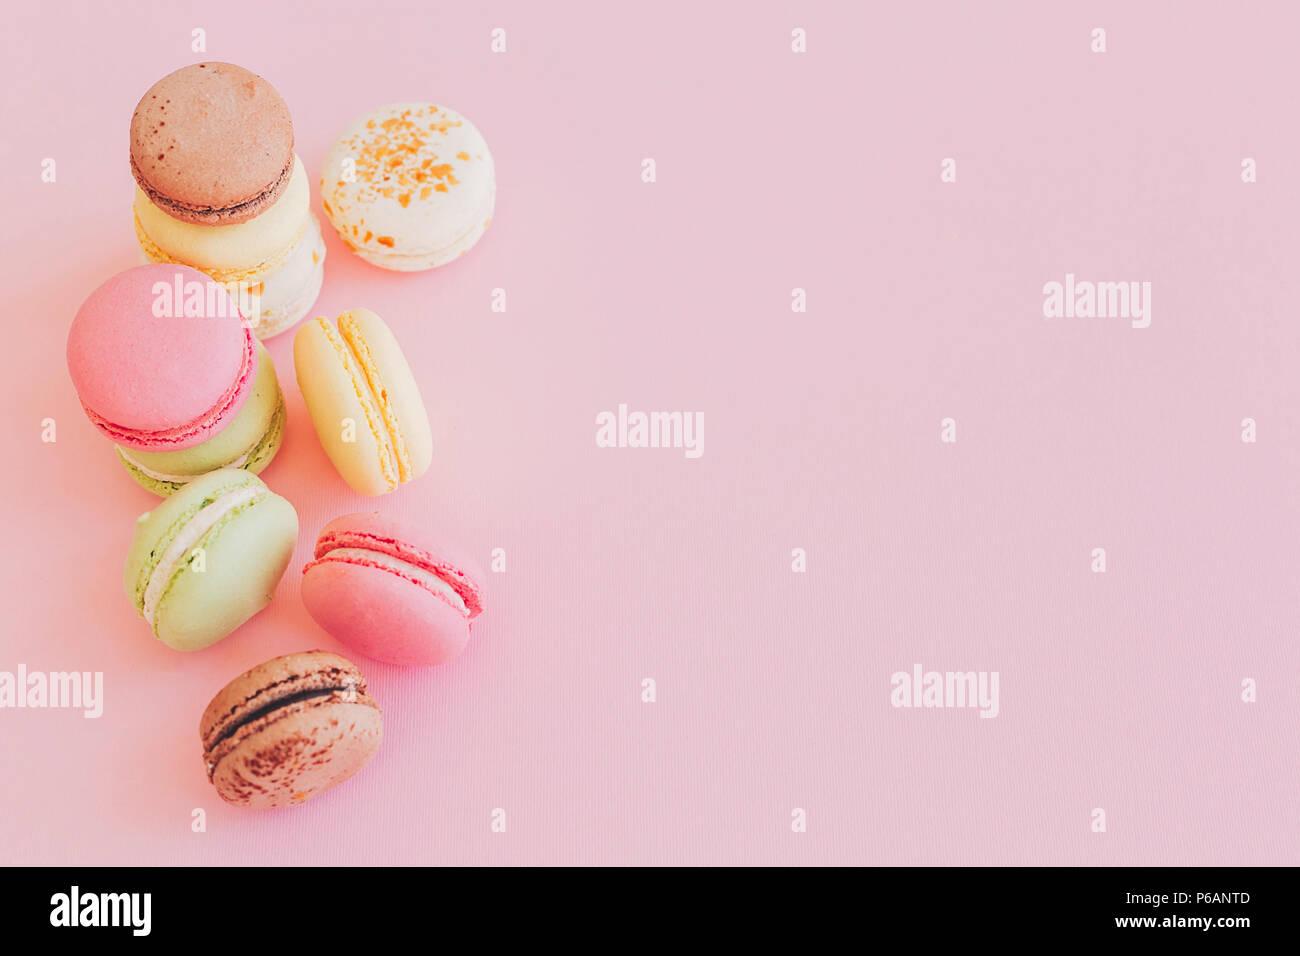 Macarons colorés de style branché sur du papier rose, télévision lay. espace pour texte. Une cuisine moderne concept photographie. délicieux rose, jaune, vert, blanc, marron ma Photo Stock